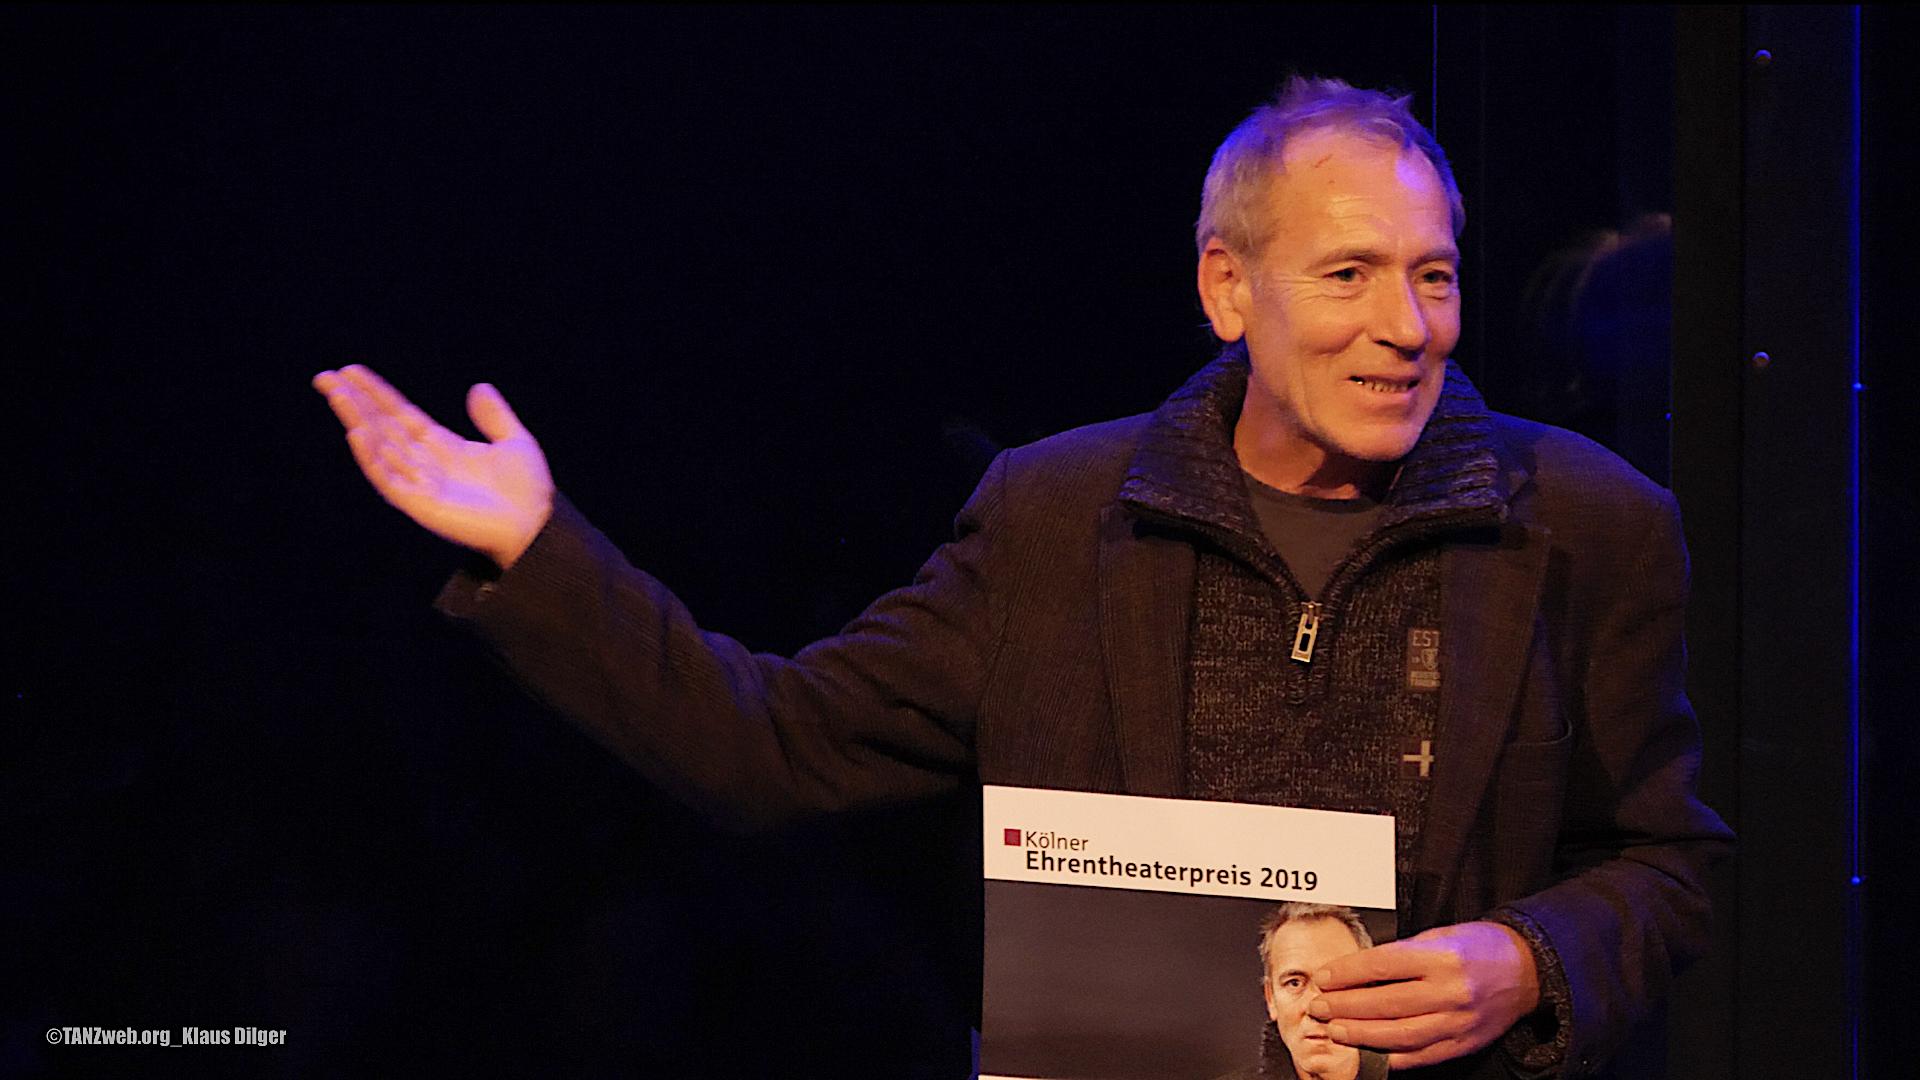 KÖLNER EHRENTHEATER-PREIS geht an Werner Meyer